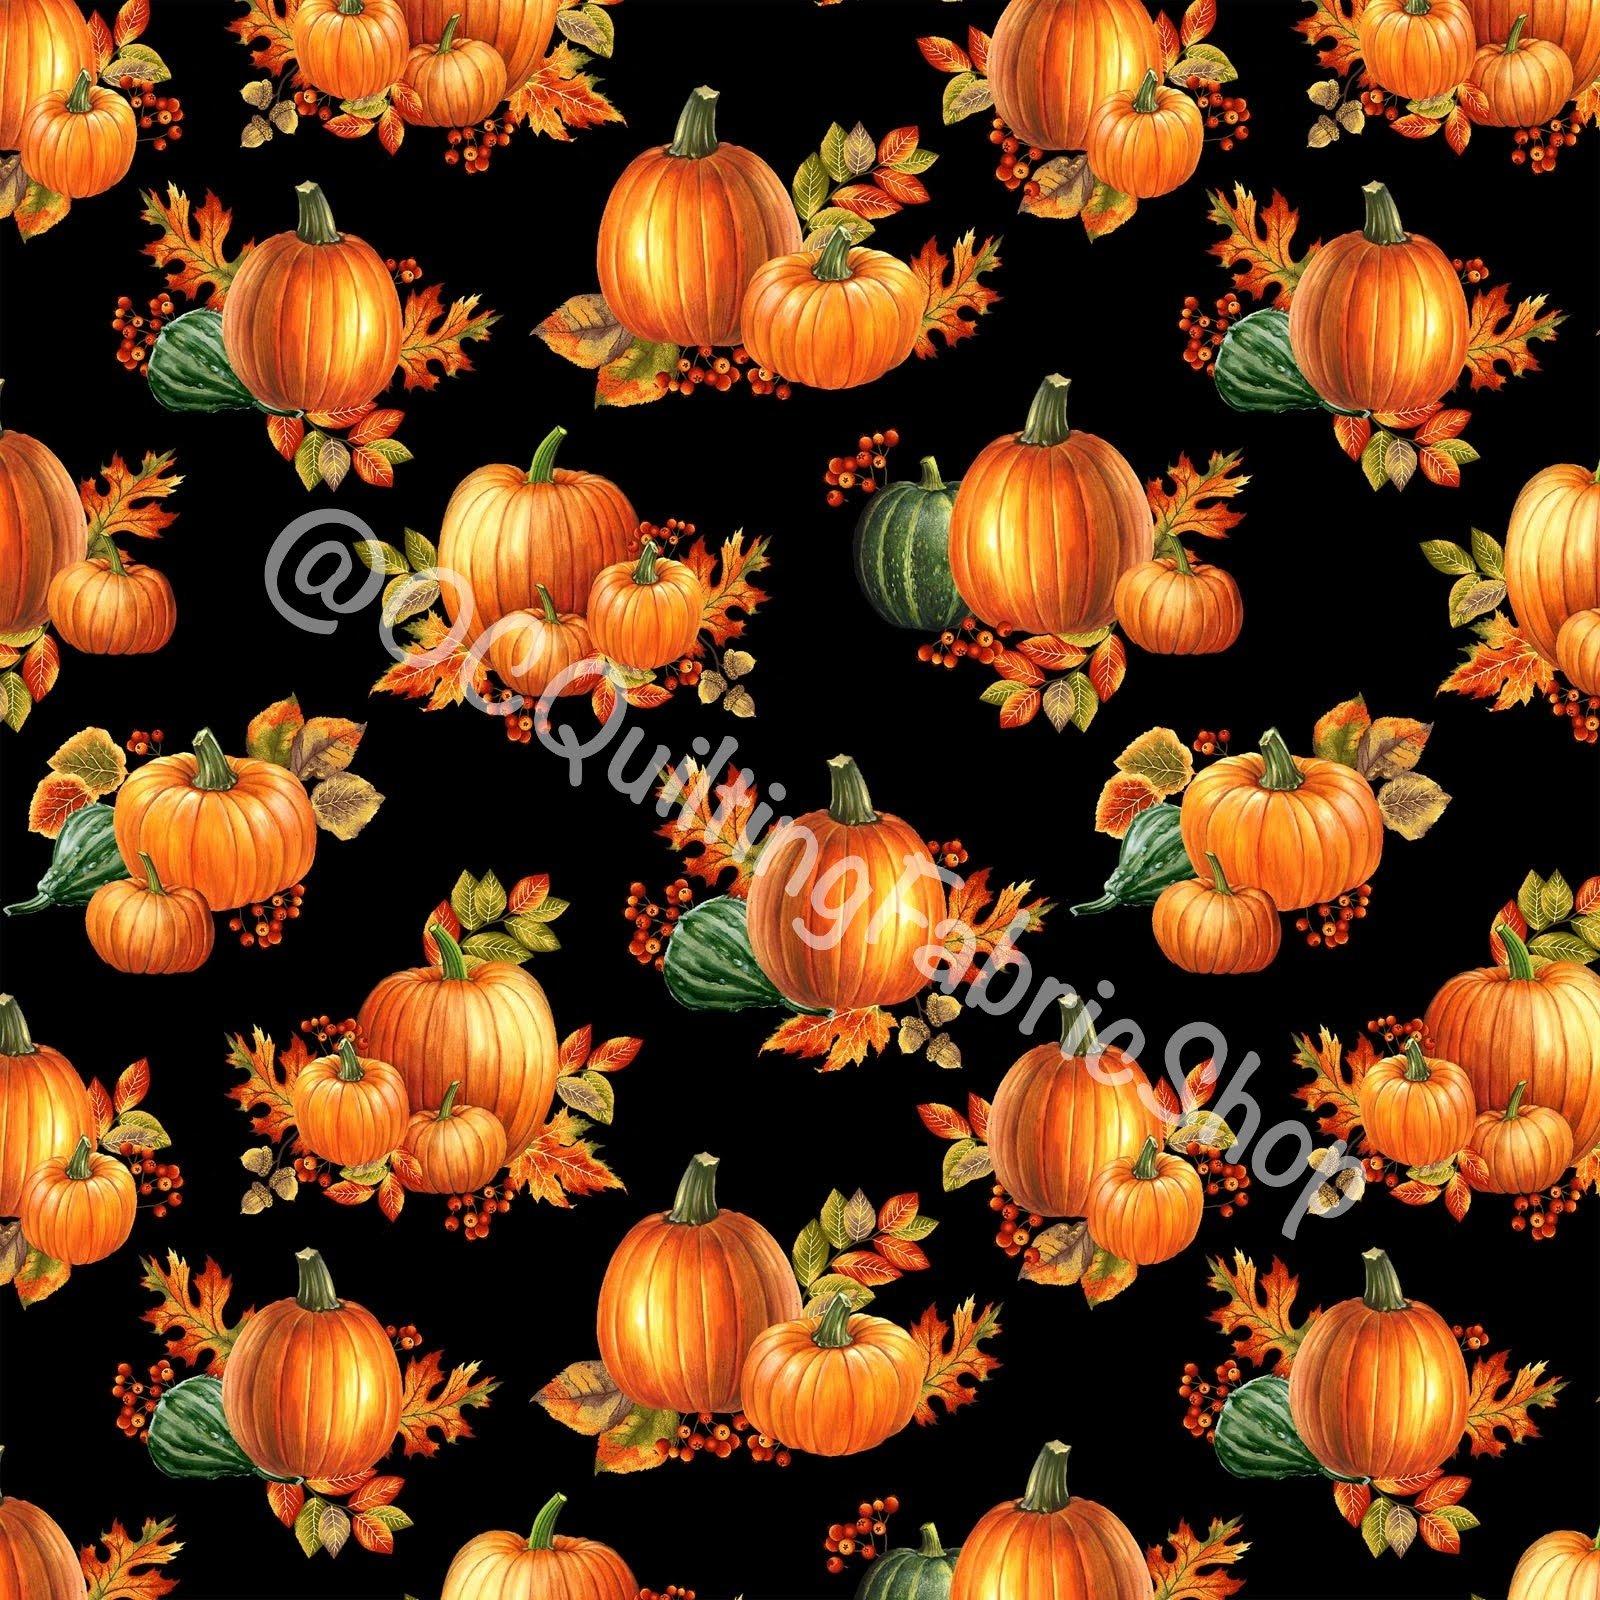 Benartex Autumn Elegance  Pumpkin Allover Black Metallic